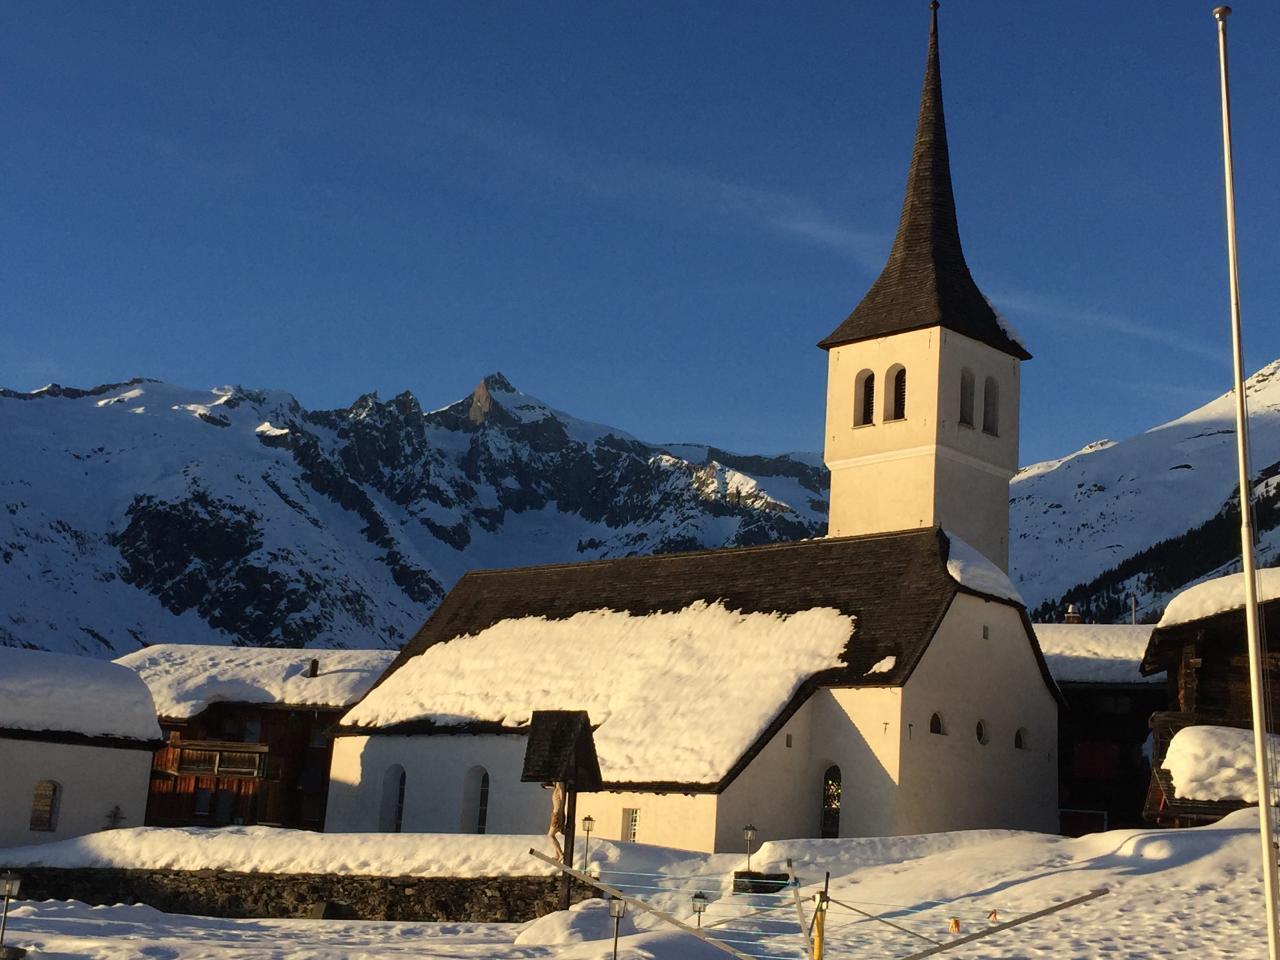 Appartement de vacances Fewo Belstar DG West (2542780), Bellwald, Aletsch - Conches, Valais, Suisse, image 16